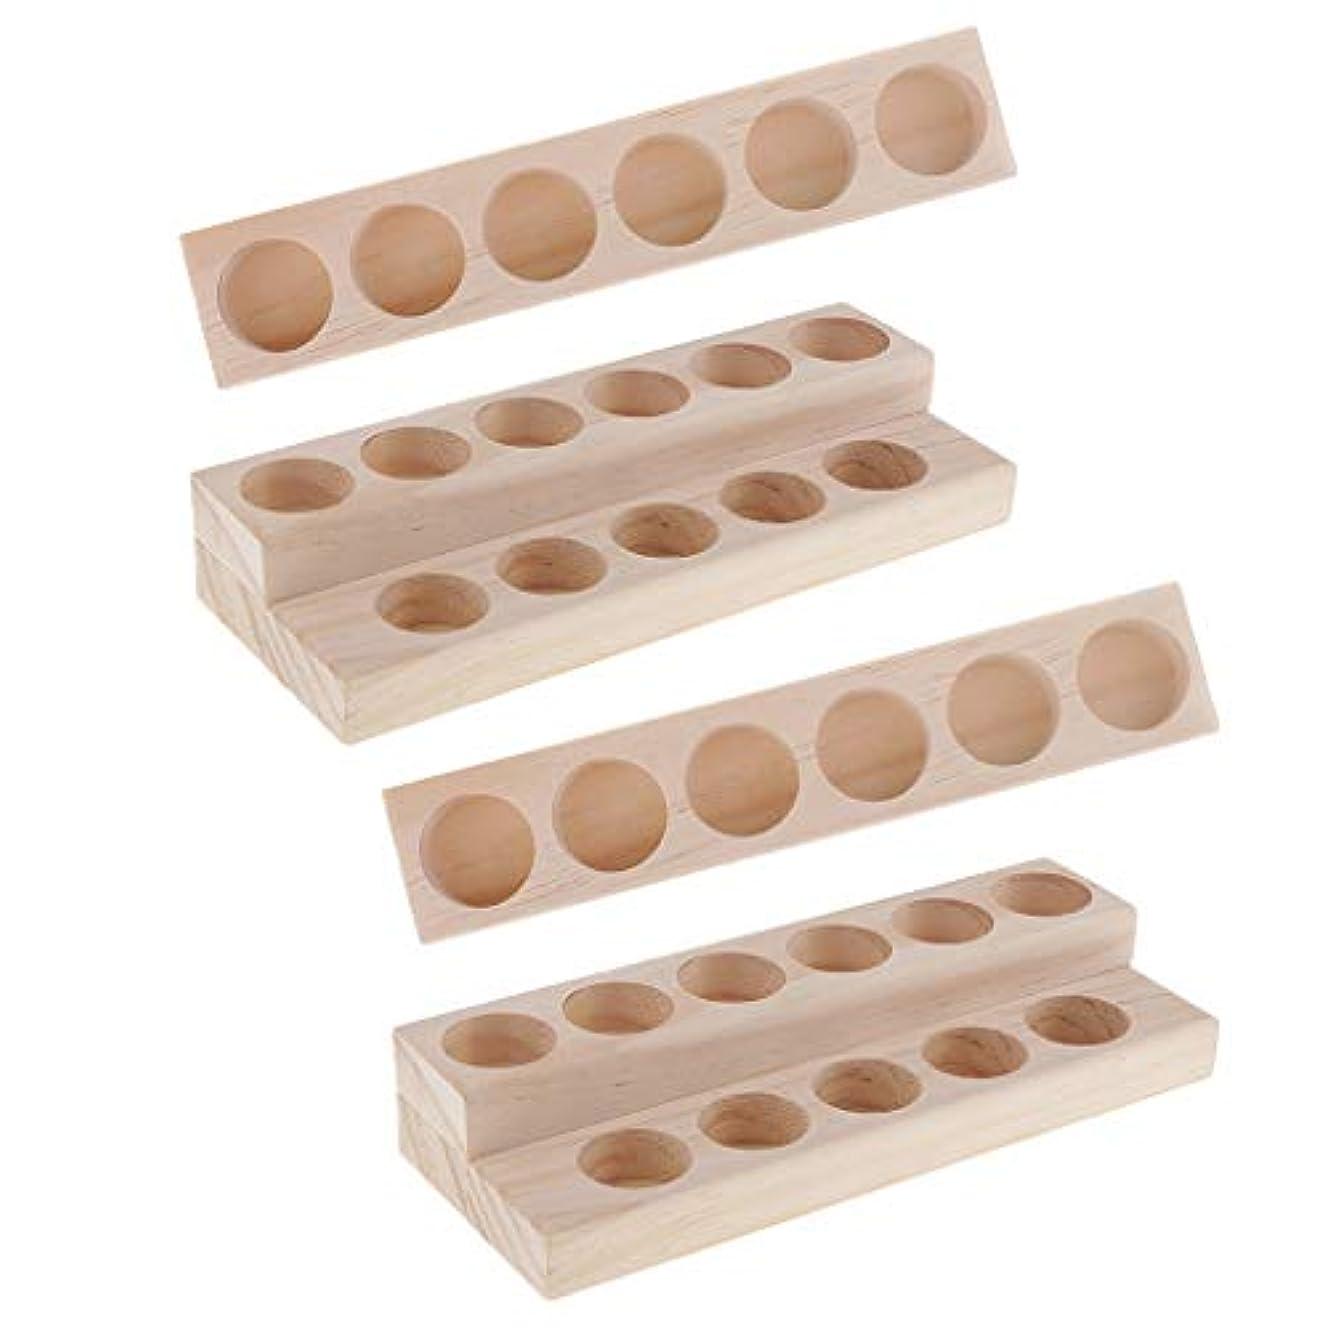 ランデブーばかげた故国Hellery 木製 エッセンシャルオイル ディスプレイ 香水瓶収納 マニキュアスタンド 美容室 ネイルサロン 用品 4個入り